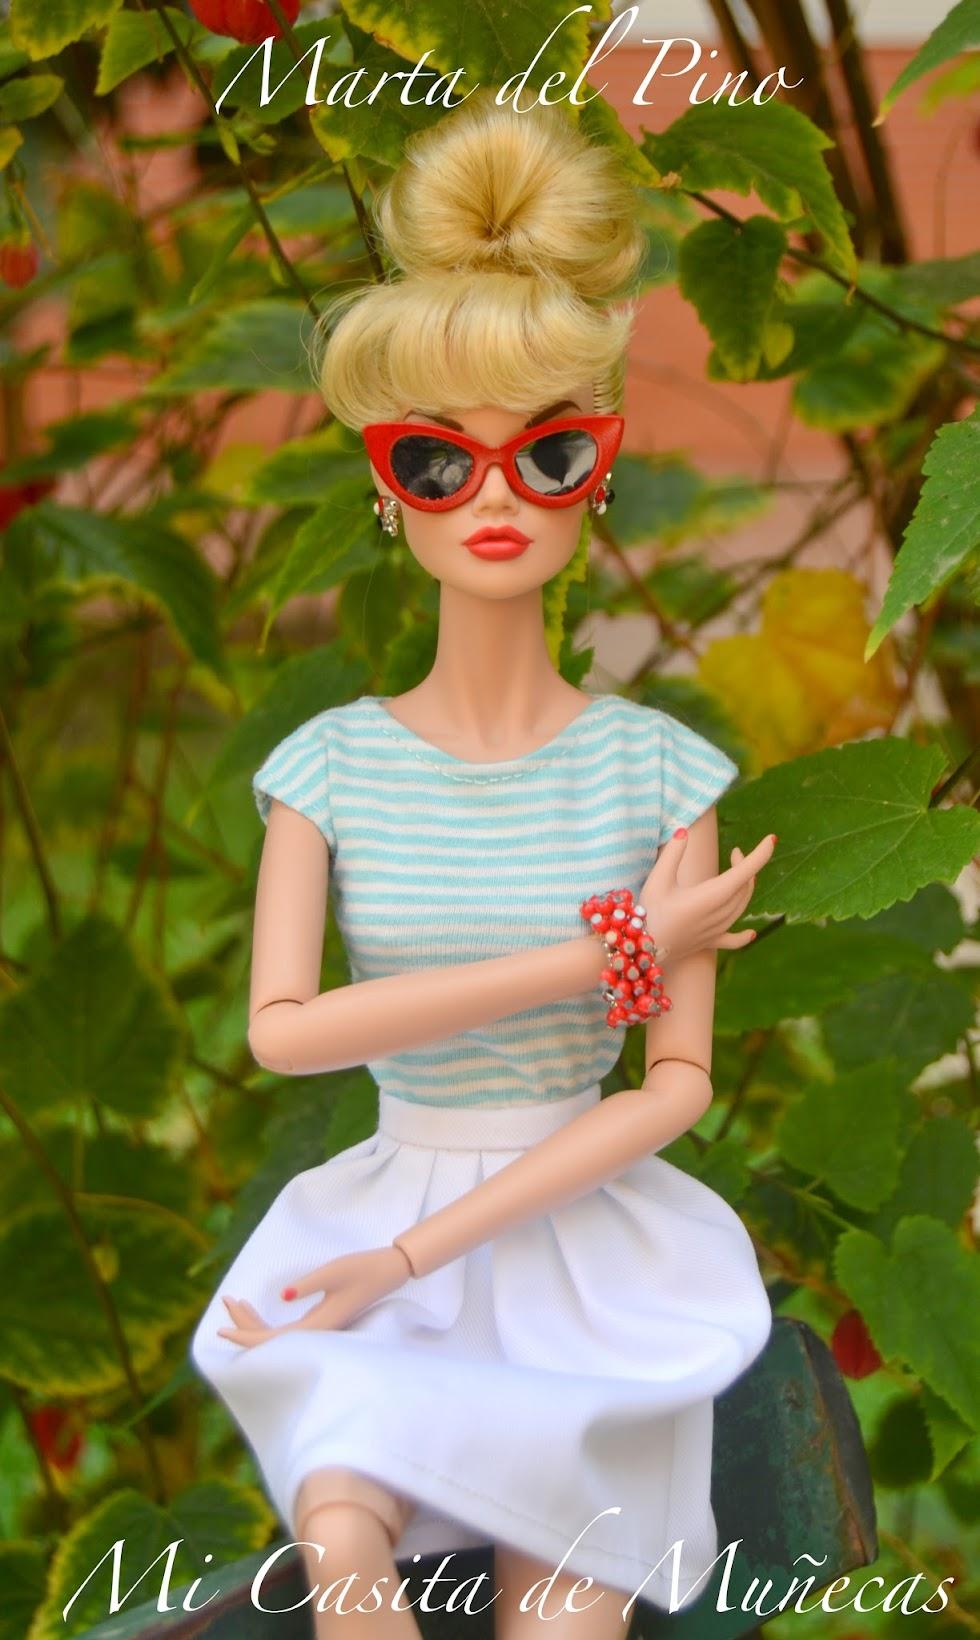 """Poppy Parker One fine Day 16"""", grande, 40 centímetros. Marta del Pino. Mi casita de Muñecas."""